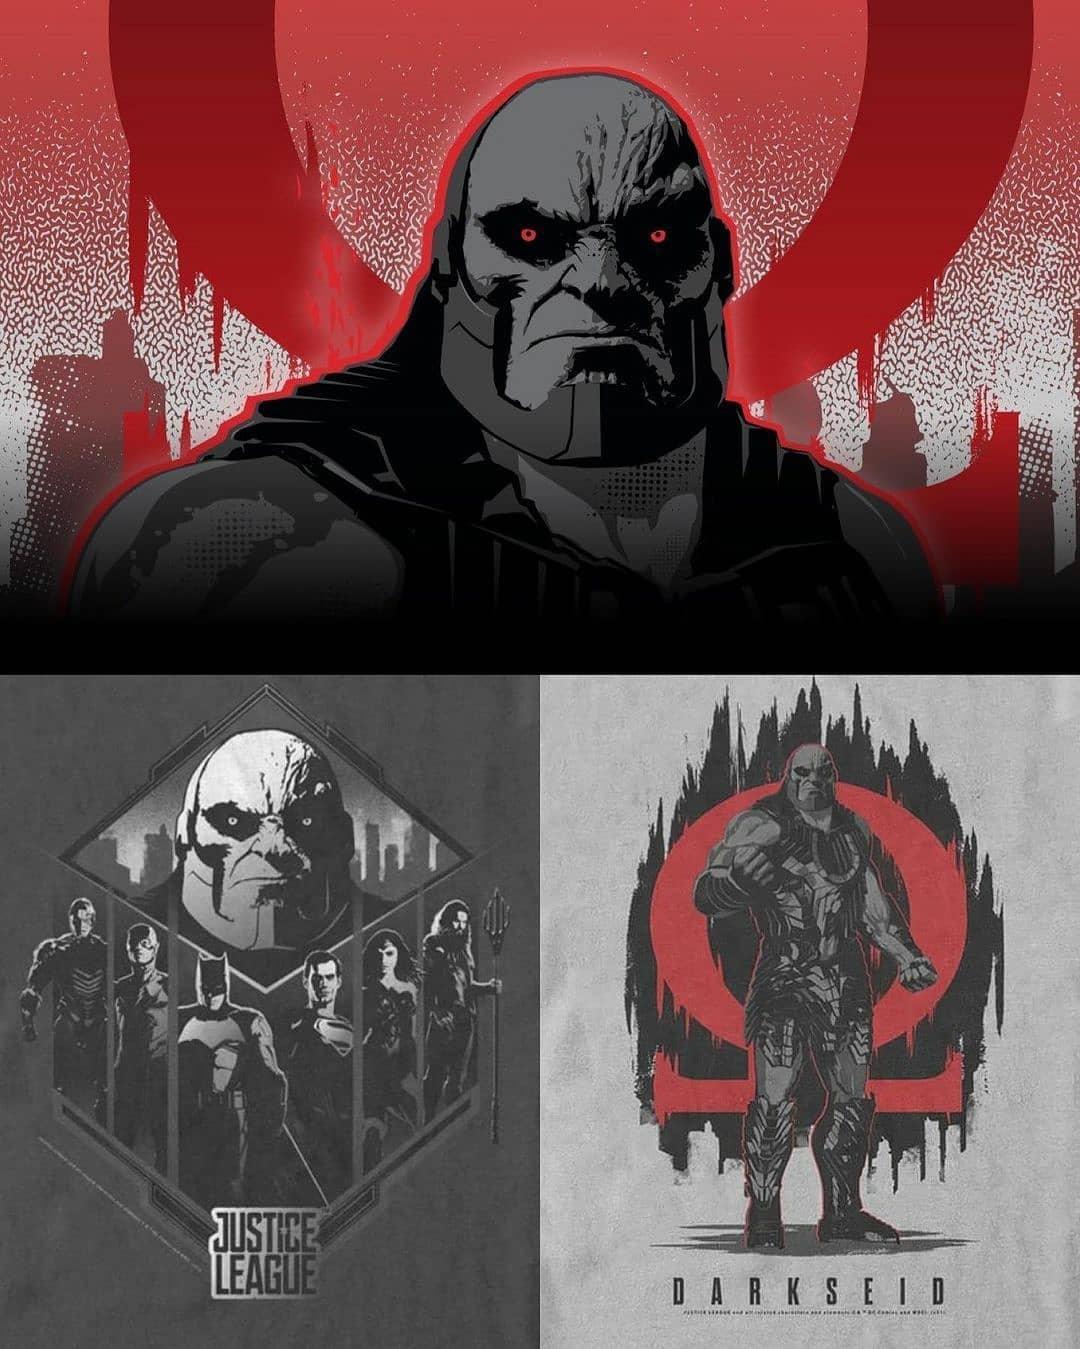 Darkseid-Justice-League-Armor